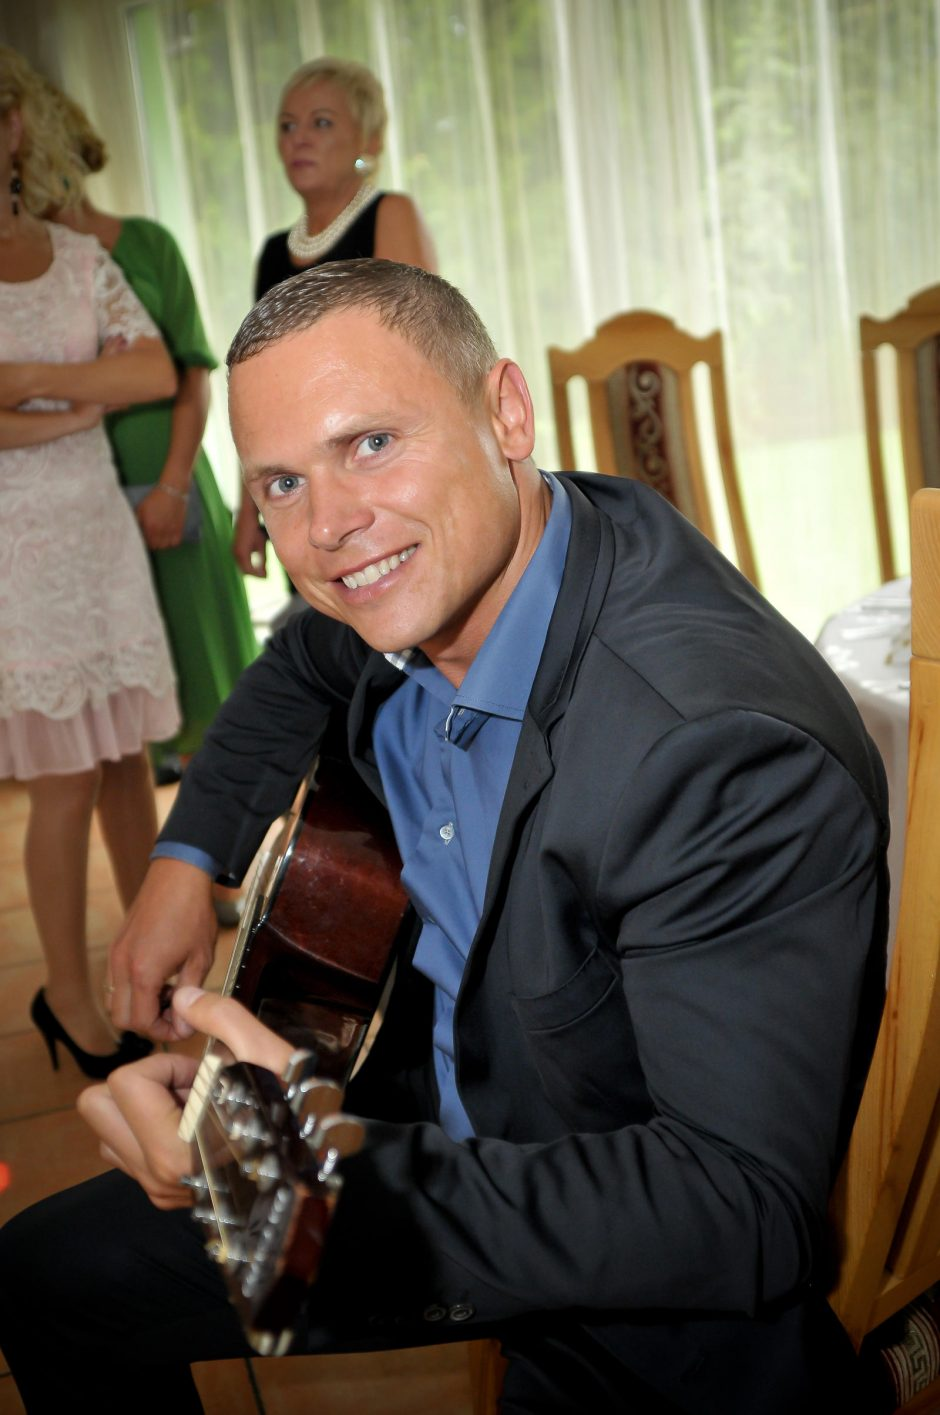 Klaipėdos Kelių policijos vado aistra – muzika